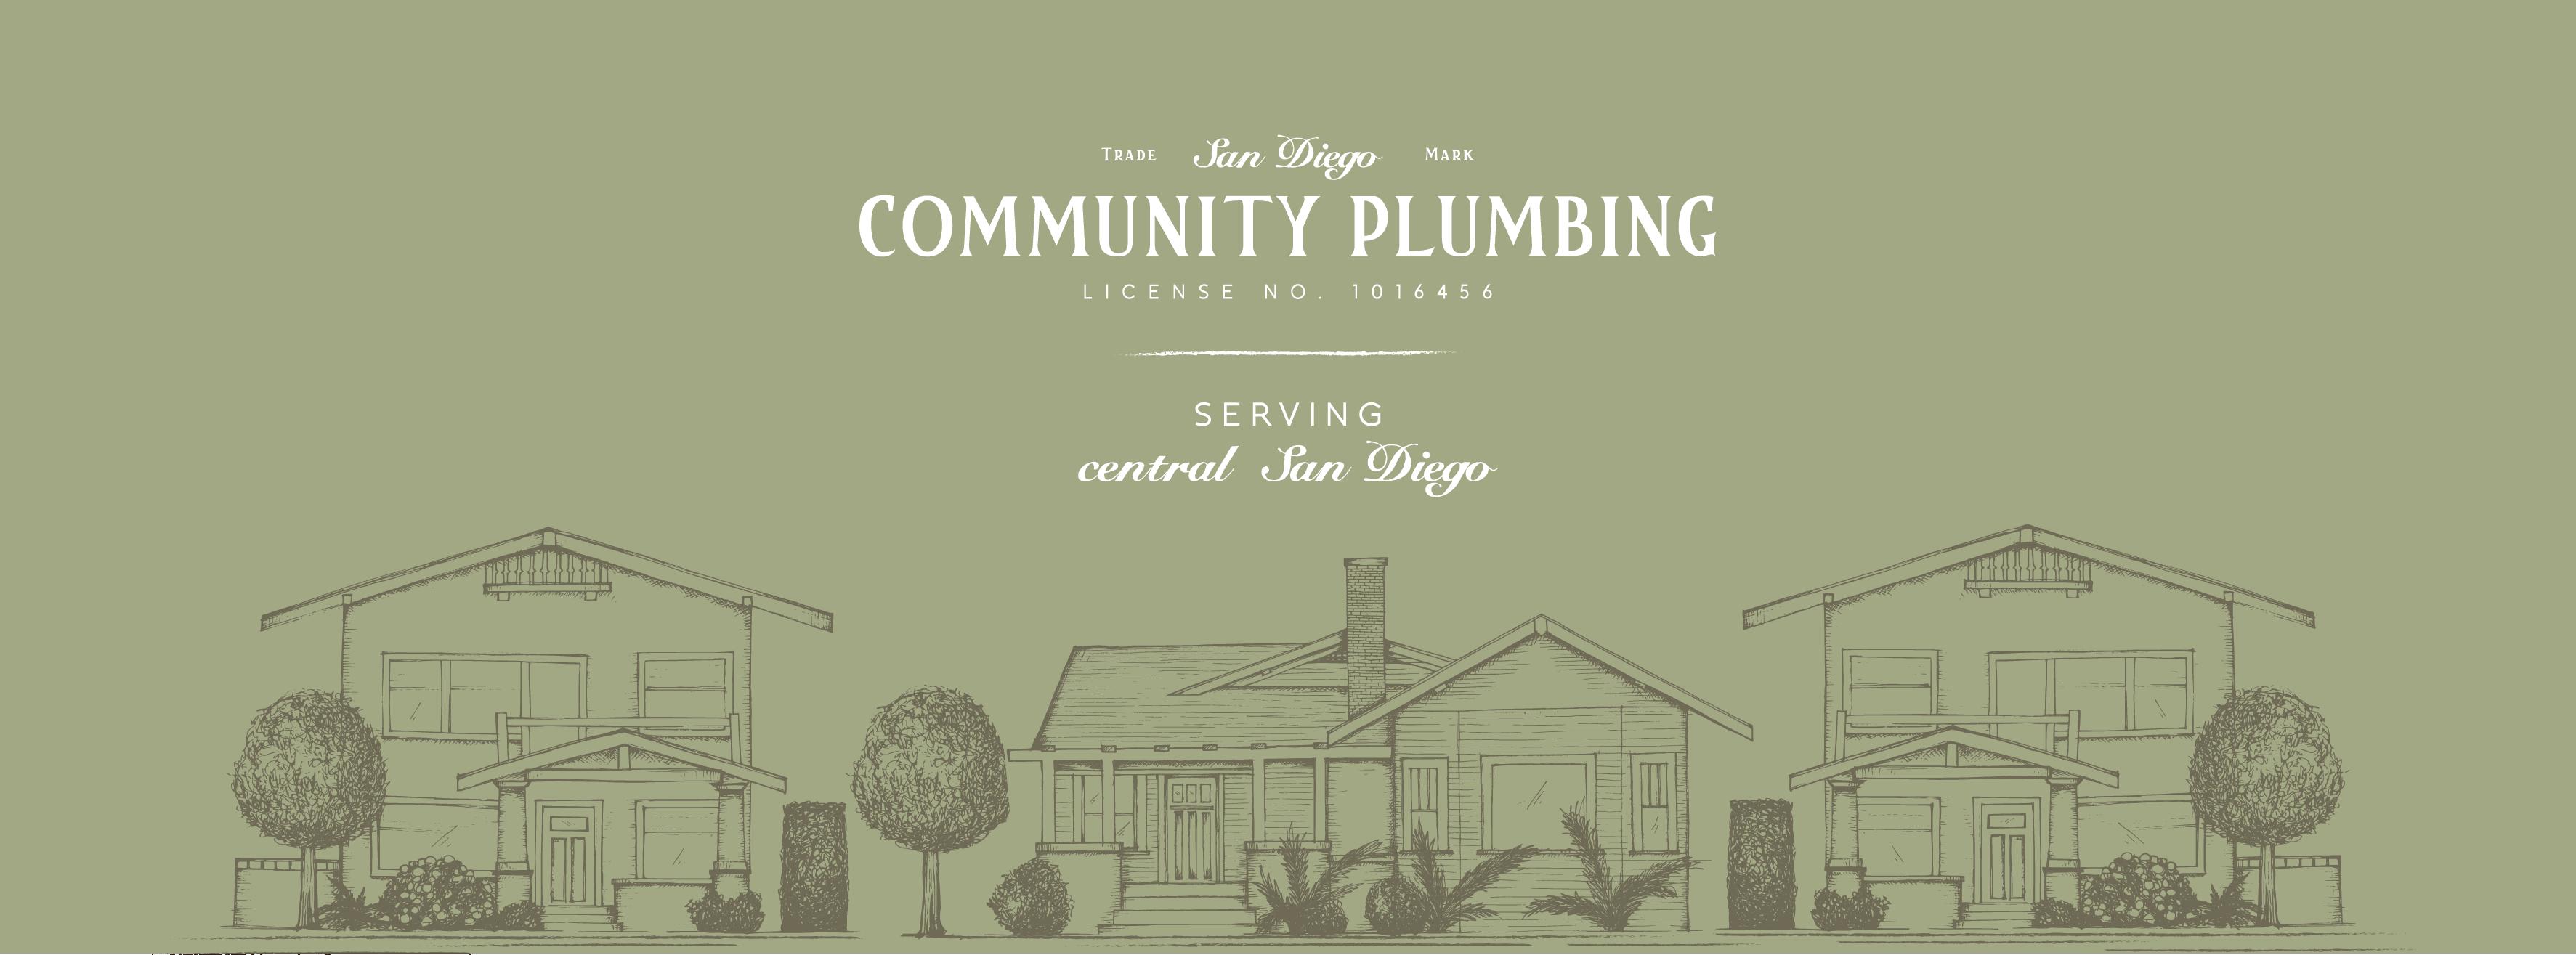 Community Plumbing image 1